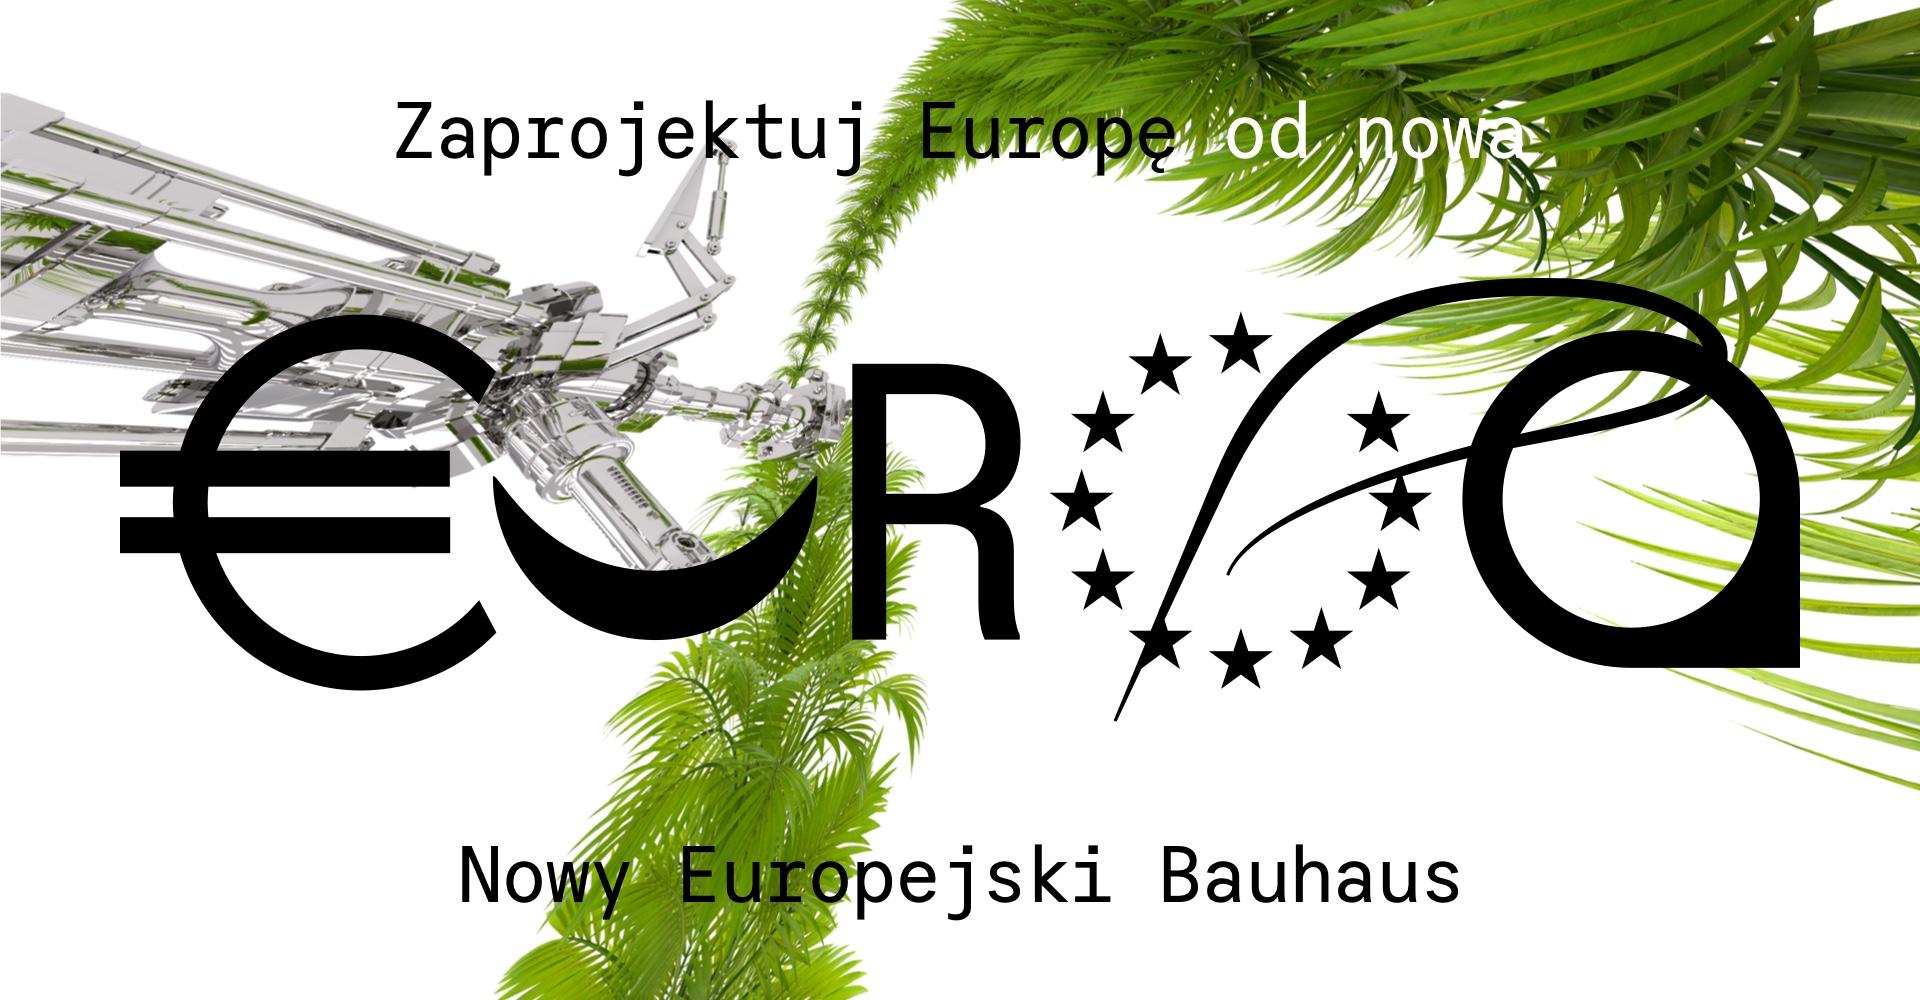 Jak zaprojektować Europę odnowa? Konkurs dla artystek iartystów oferuje atrakcyjne nagrody imożliwość wyrażenia swoich przekonań